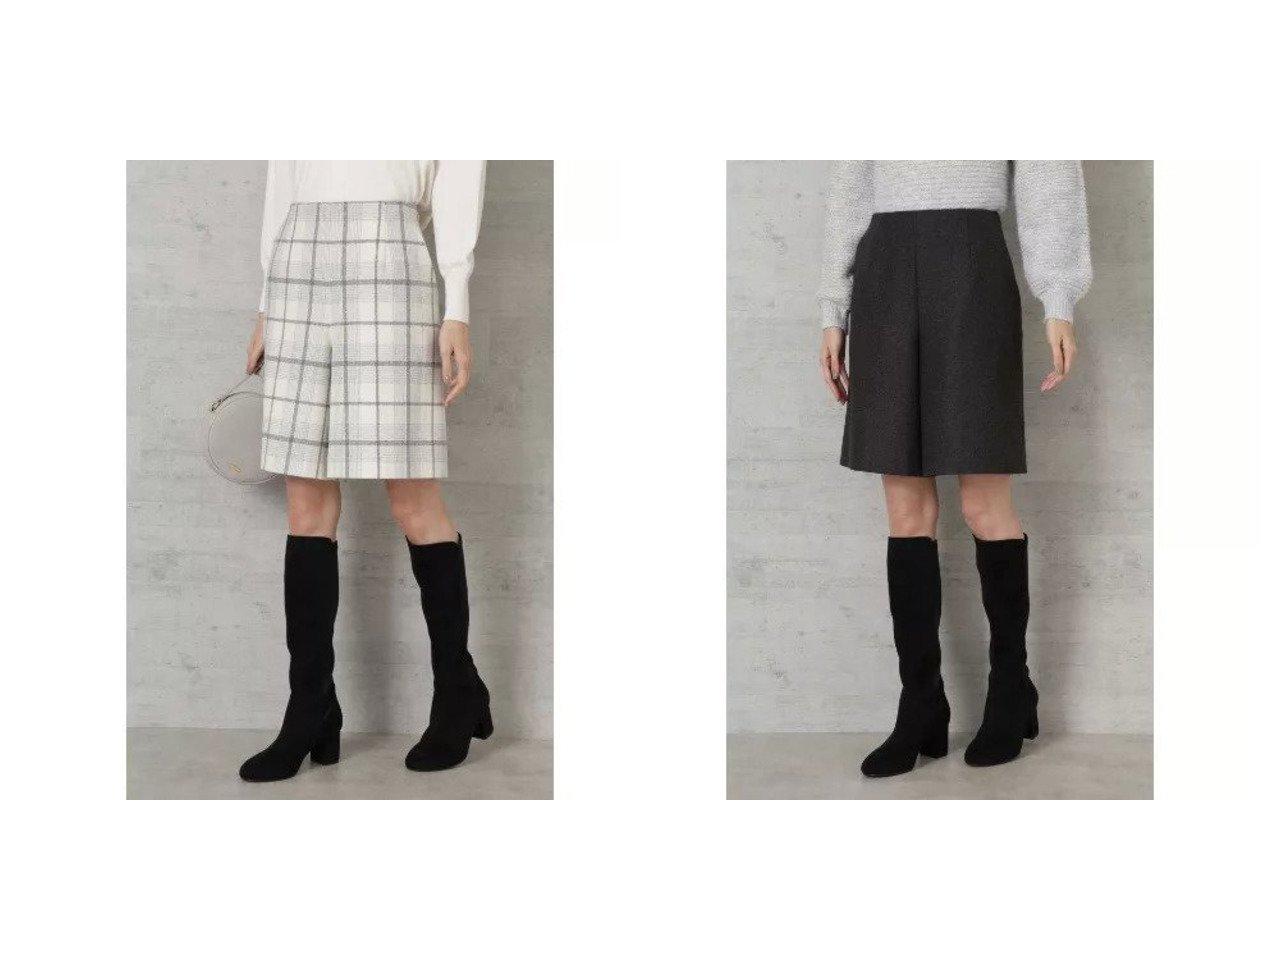 【NATURAL BEAUTY BASIC/ナチュラル ビューティー ベーシック】のウール混キュロットパンツ パンツのおすすめ!人気、レディースファッションの通販 おすすめで人気のファッション通販商品 インテリア・家具・キッズファッション・メンズファッション・レディースファッション・服の通販 founy(ファニー) https://founy.com/ ファッション Fashion レディース WOMEN スカート Skirt キュロット スマート タイツ バランス 切替 |ID:crp329100000002619